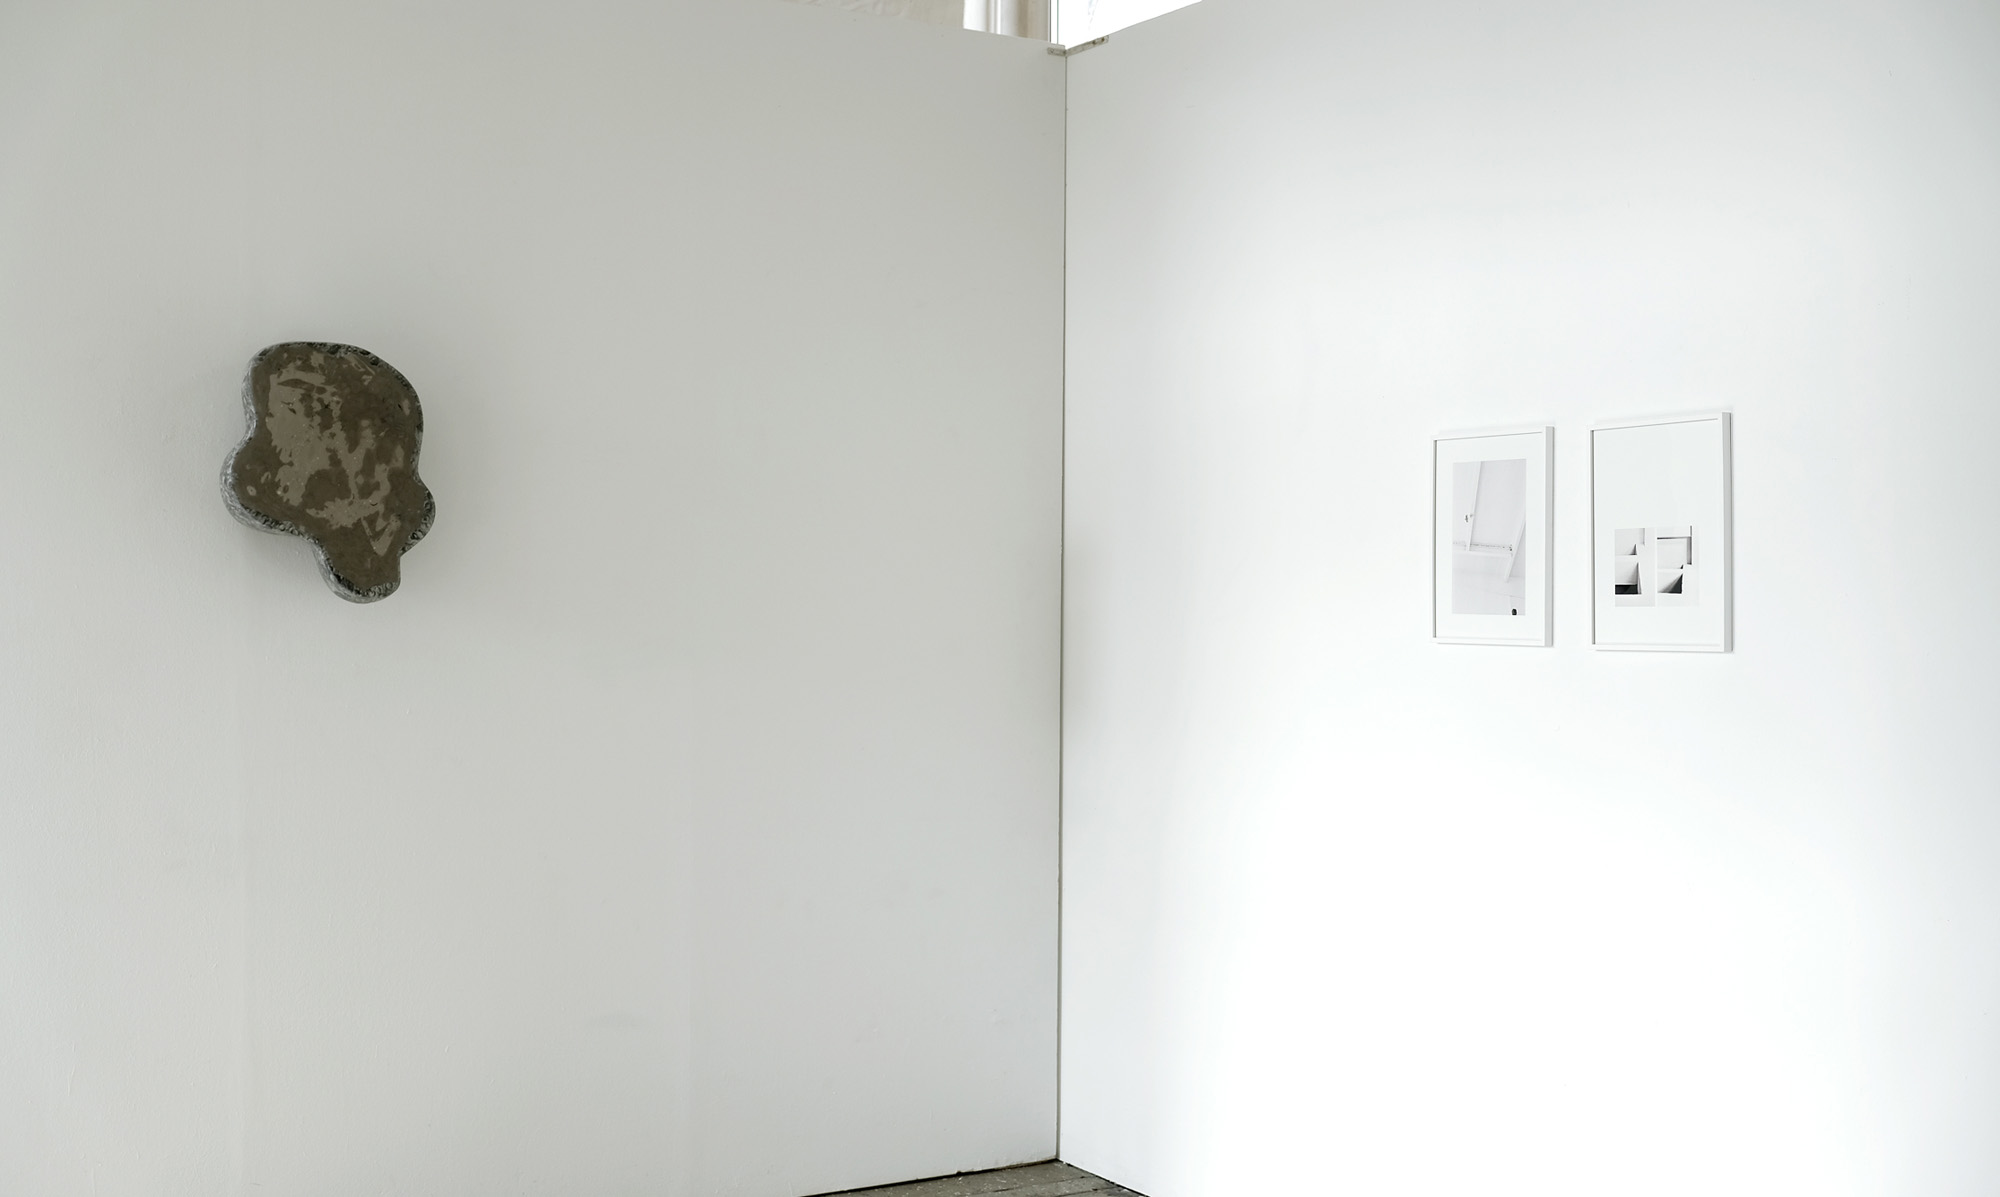 Jaana Caspary | Charlotte Perrin